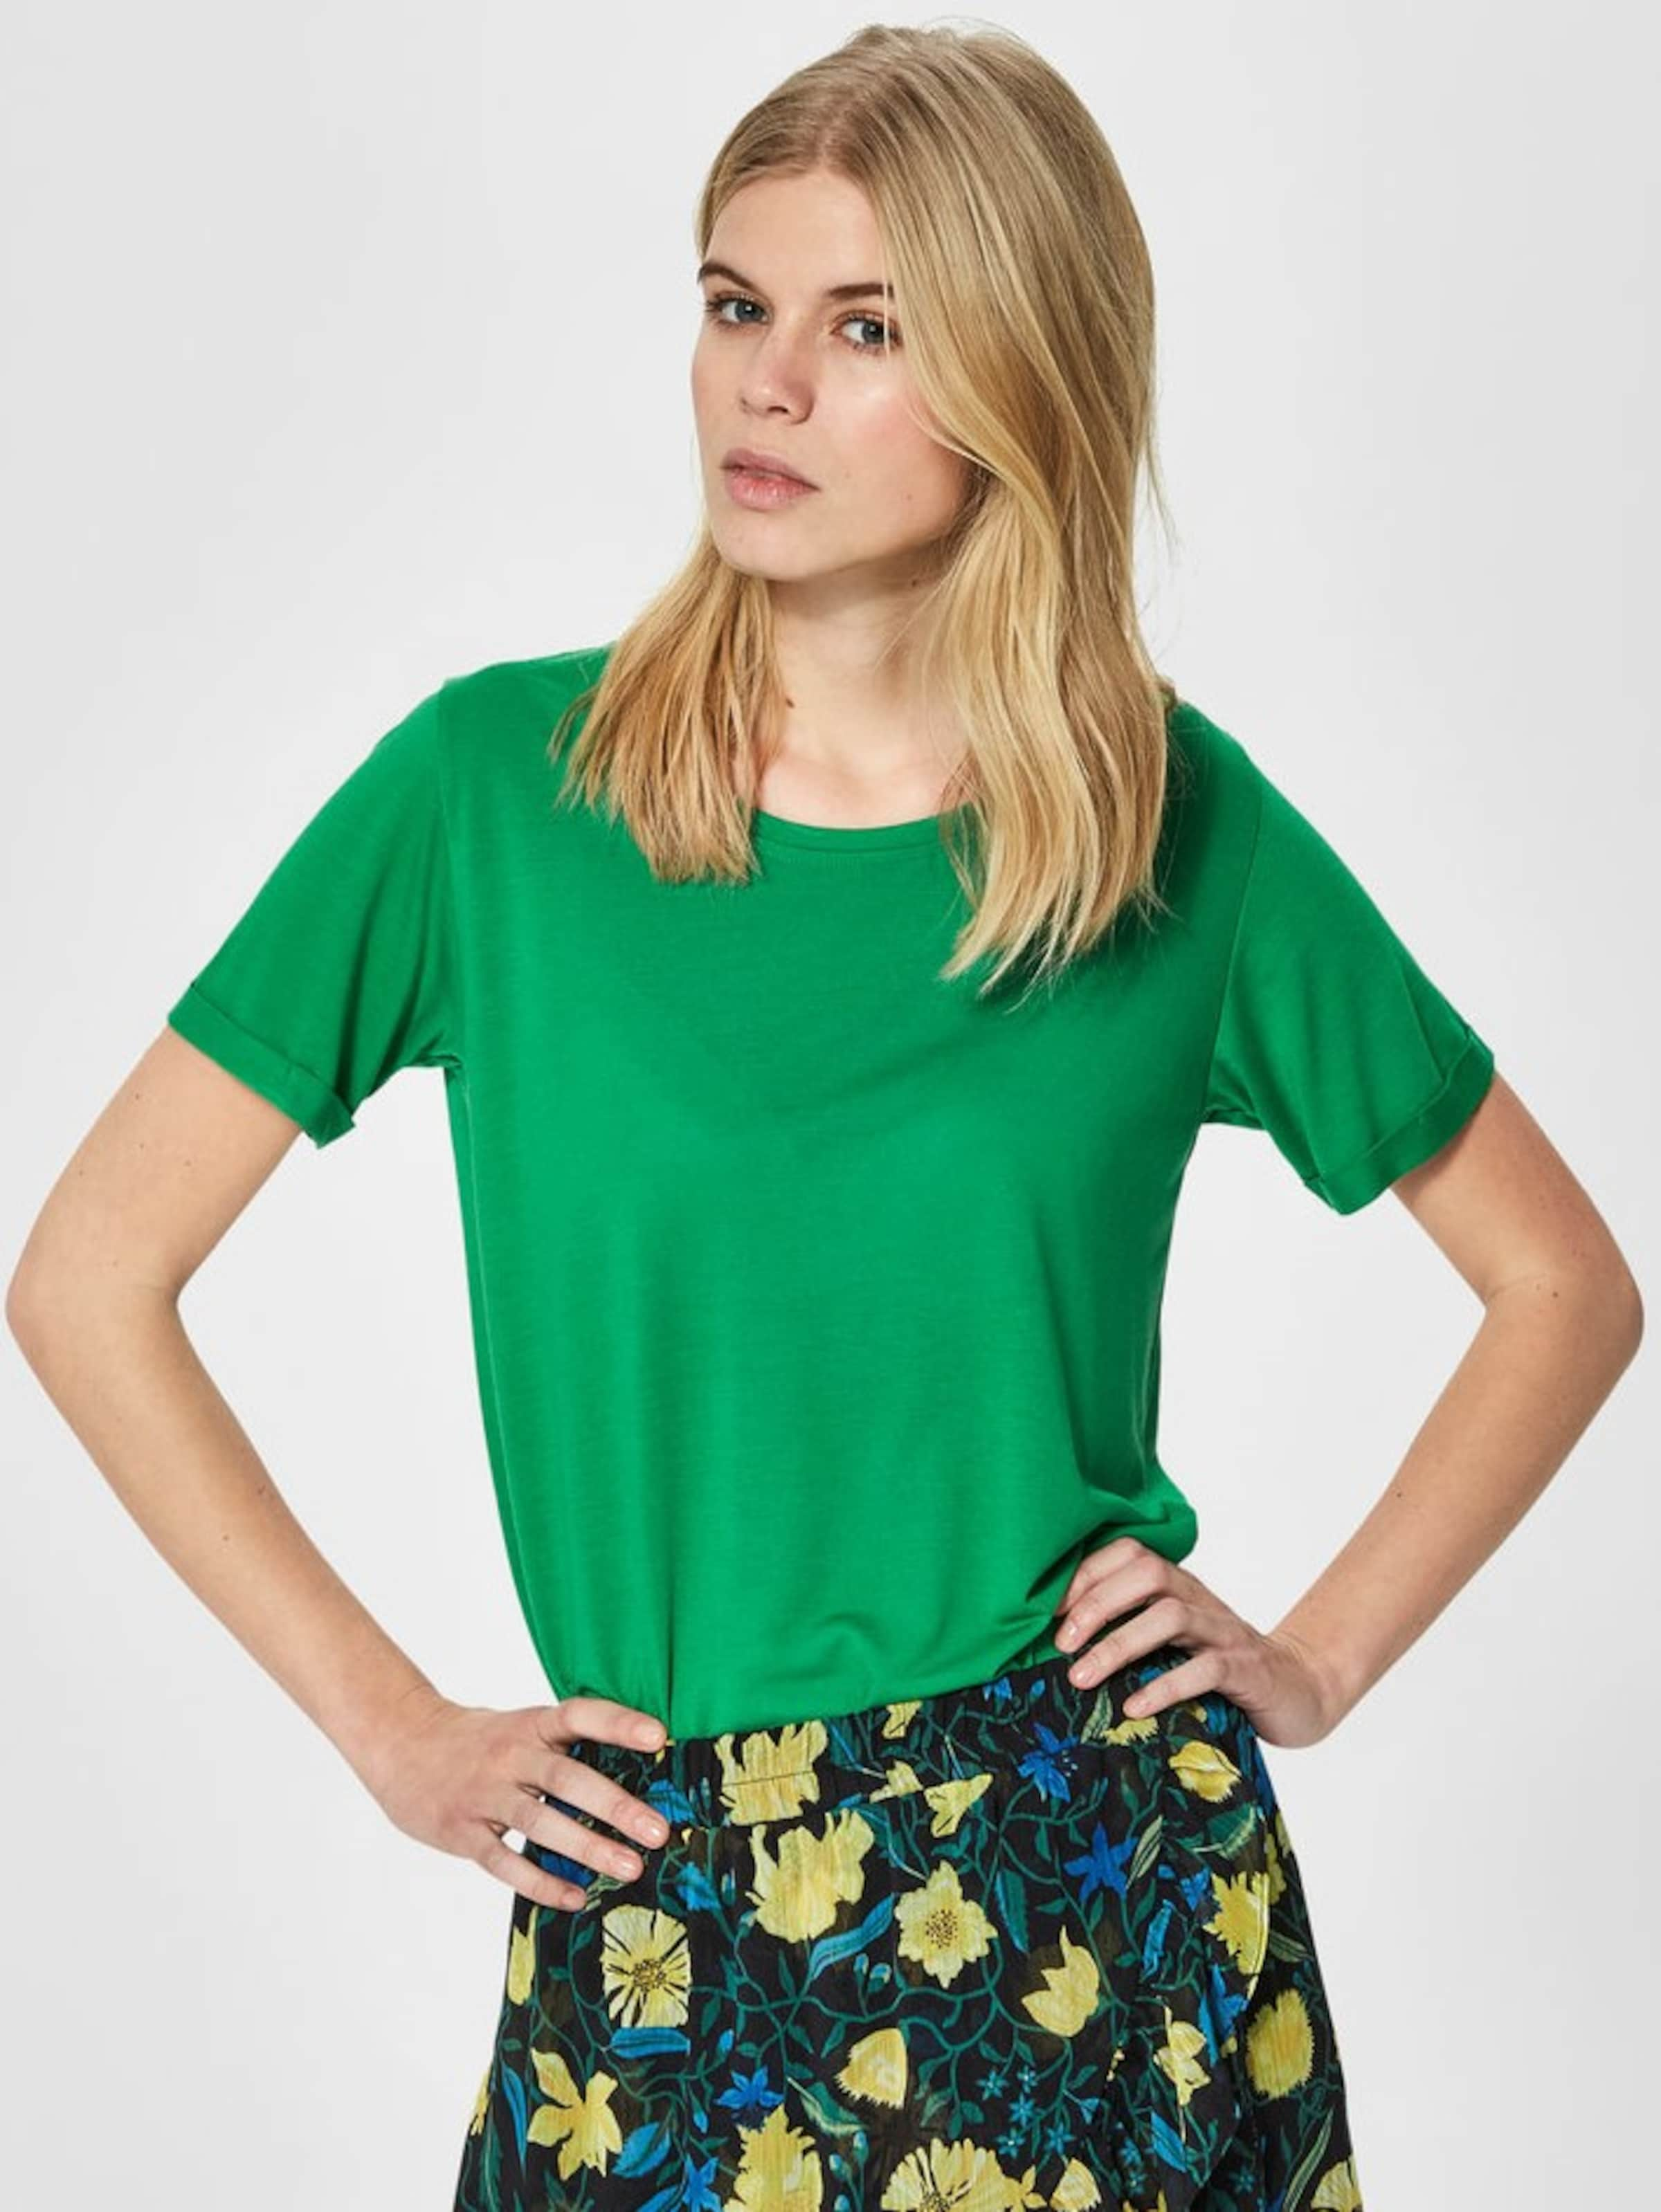 Neue Stile Rabatt Sneakernews SELECTED FEMME T-Shirt Basic 1xVNJk4